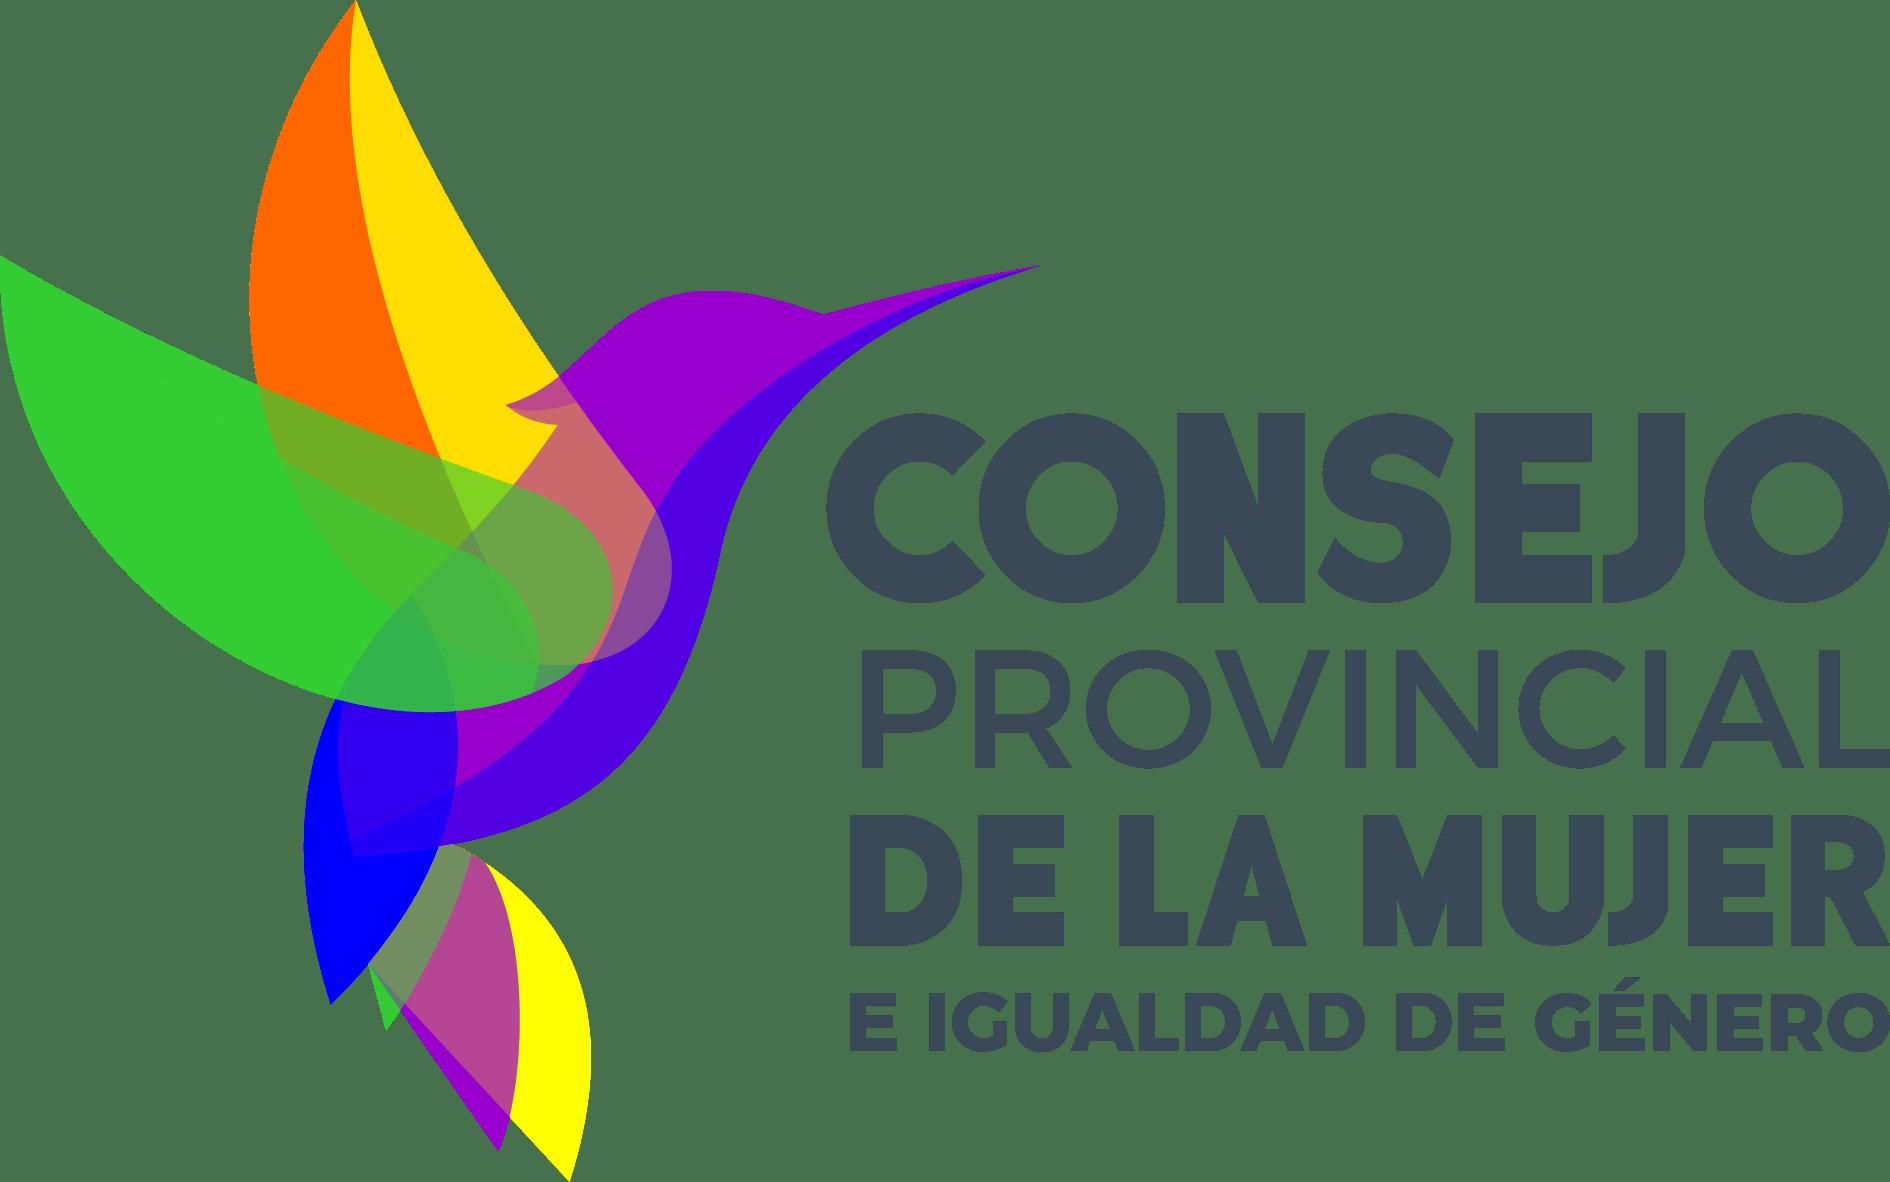 Logo de Consejo Provincial de la Mujer